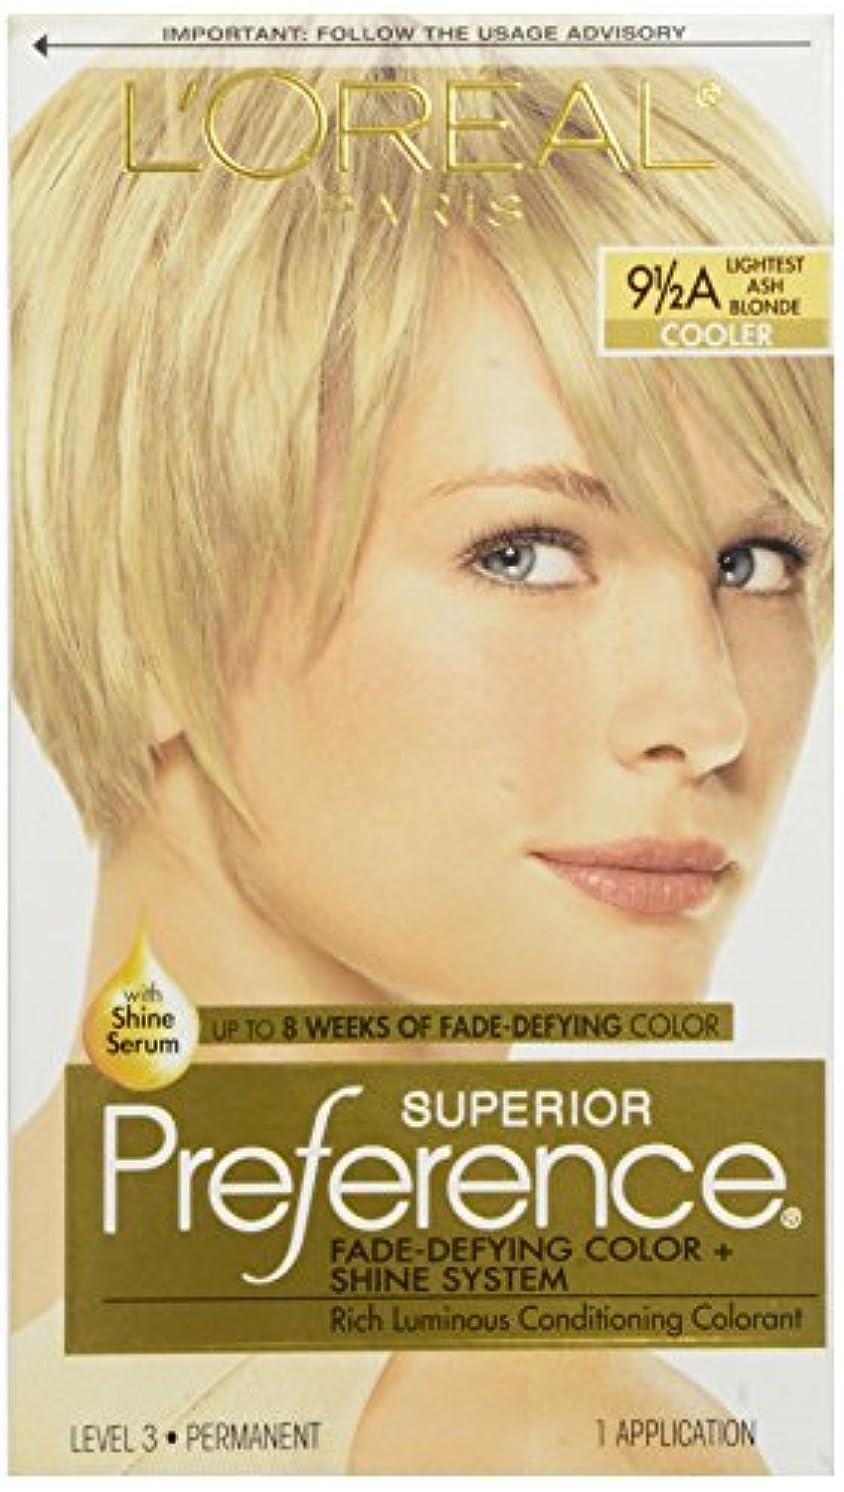 刻むリアル見習いL'OREAL SUPERIOR PREFERENCE HAIR COLORANT #9 1/2A LIGHTEST ASH BLONDE COOLER